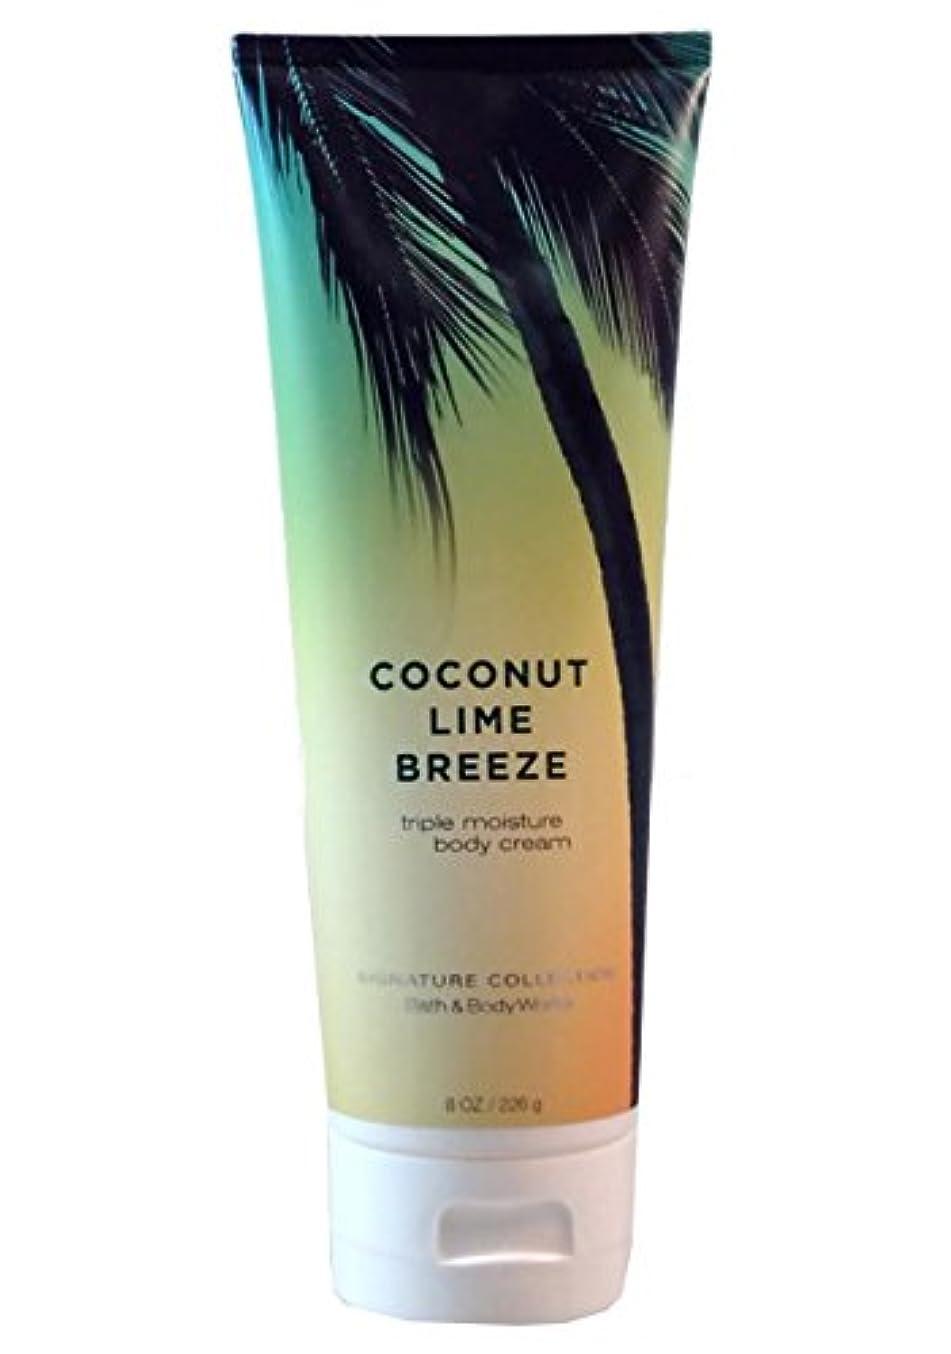 バスアンドボディワークス  ココナッツライムブリーズ  ボディクリーム Coconuts Lime Breeze Body cream [並行輸入品]